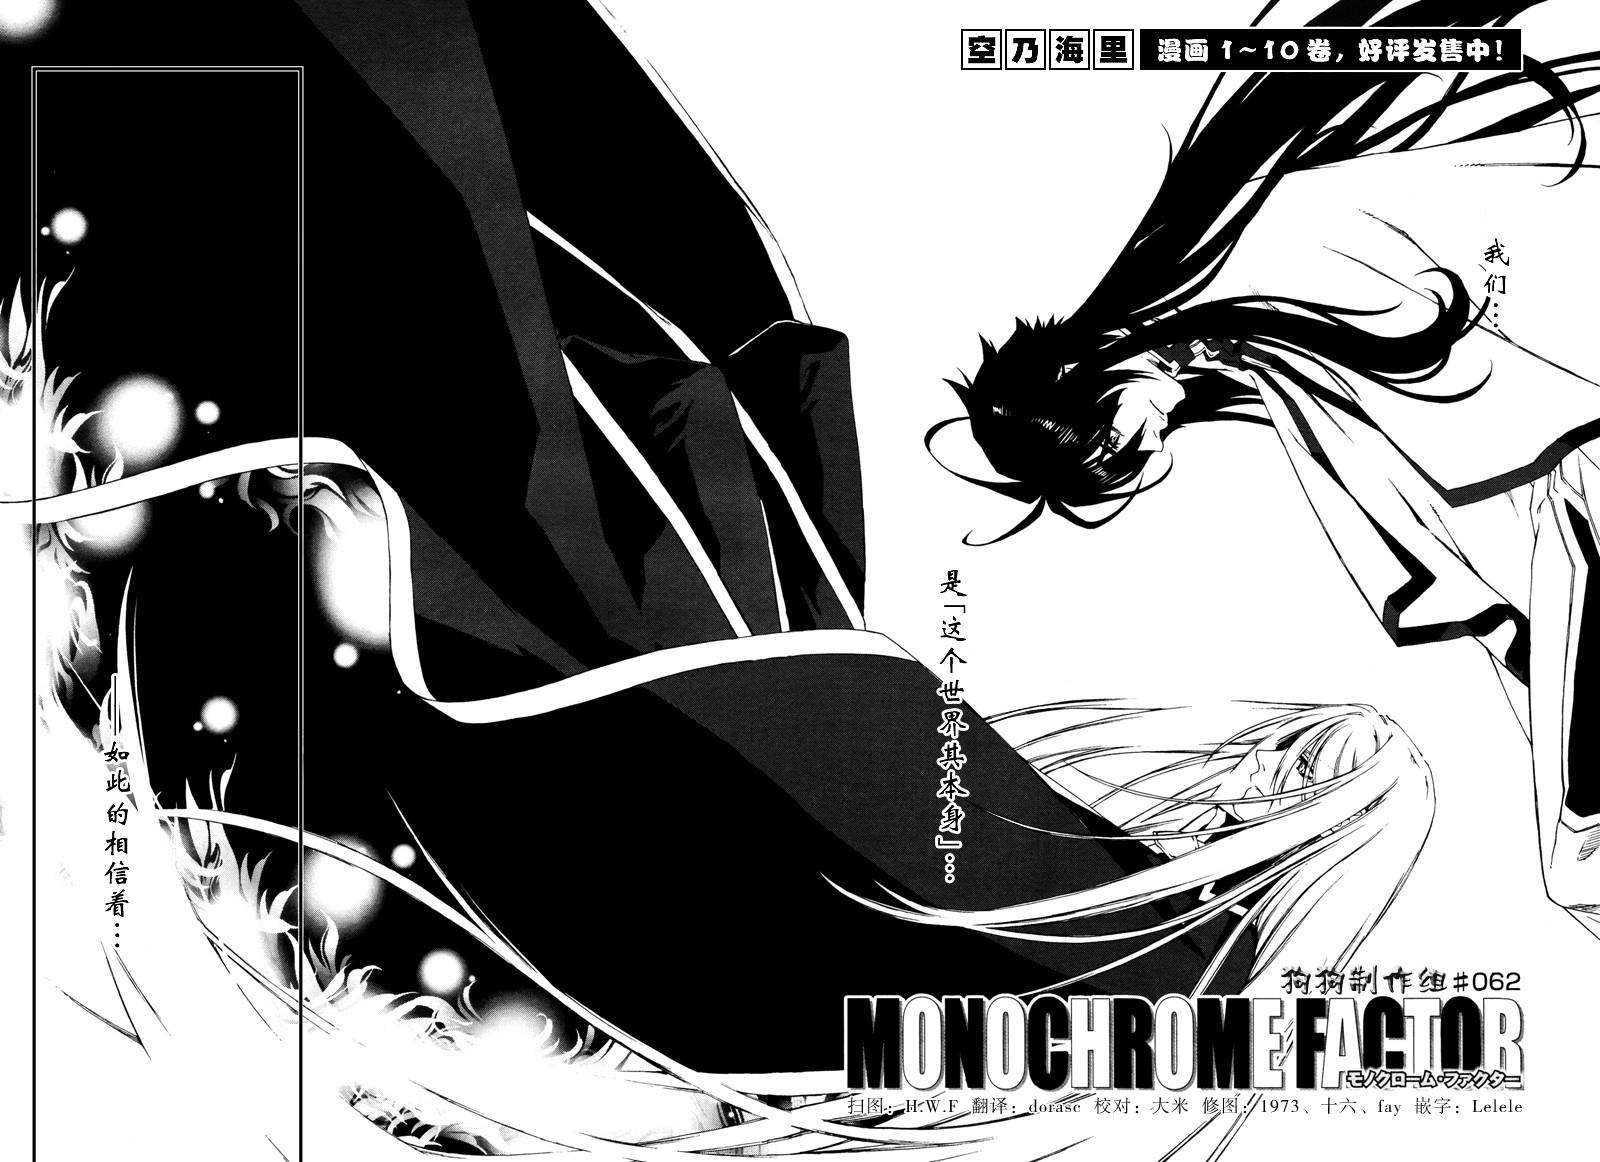 Monochrome Factor Akira Nikaido: Monochrome Factor/#491540